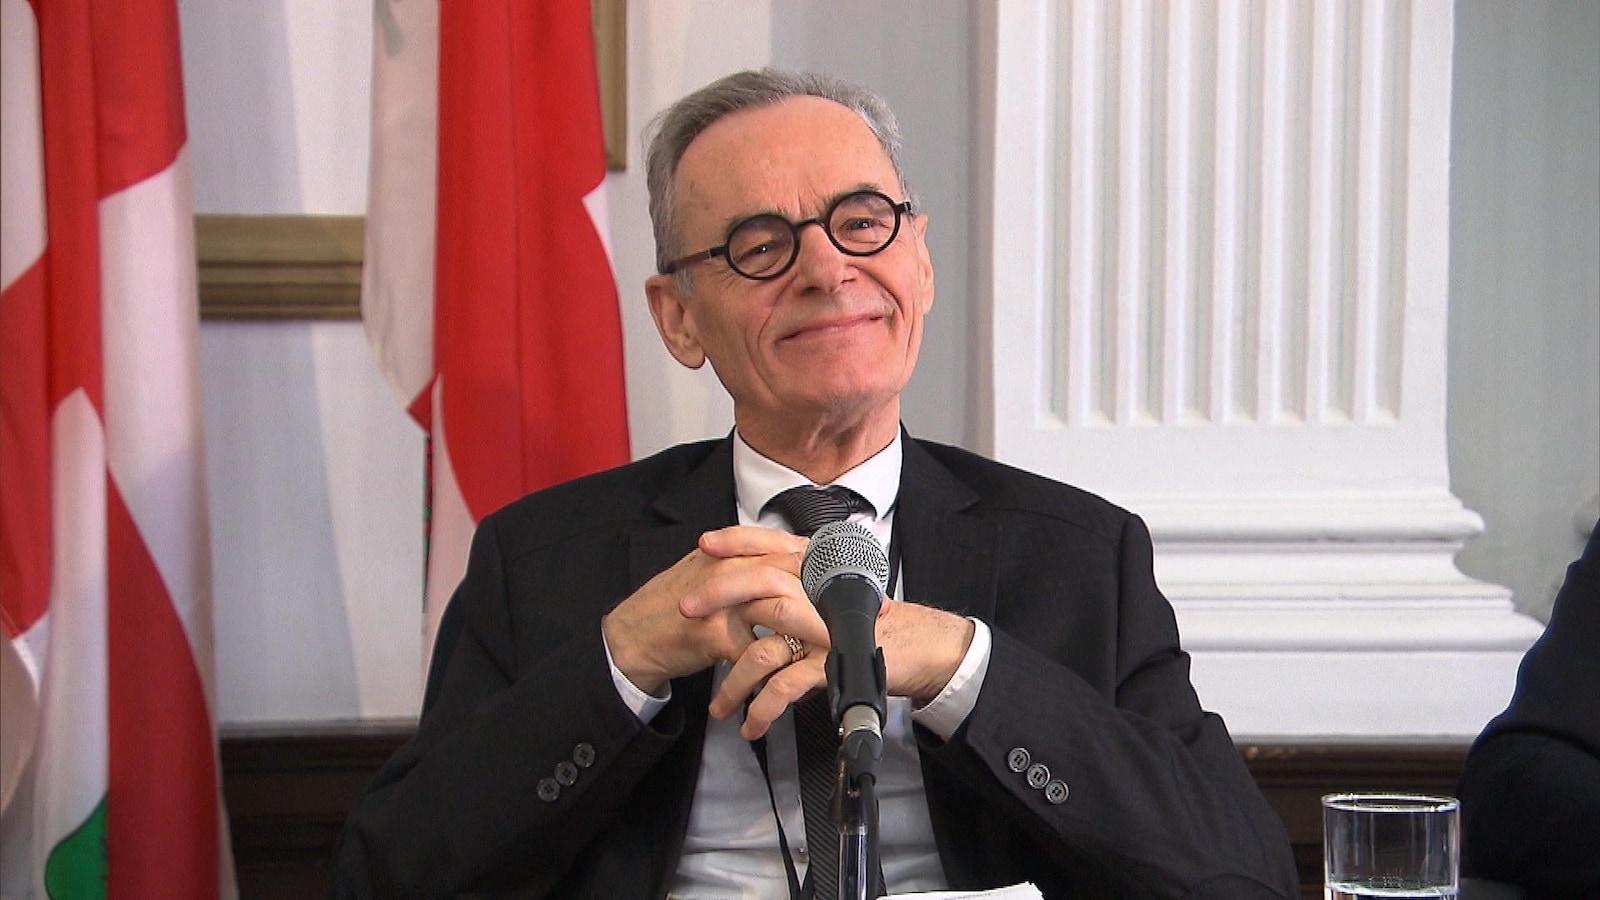 Le DG, souriant, lors d'une conférence de presse.